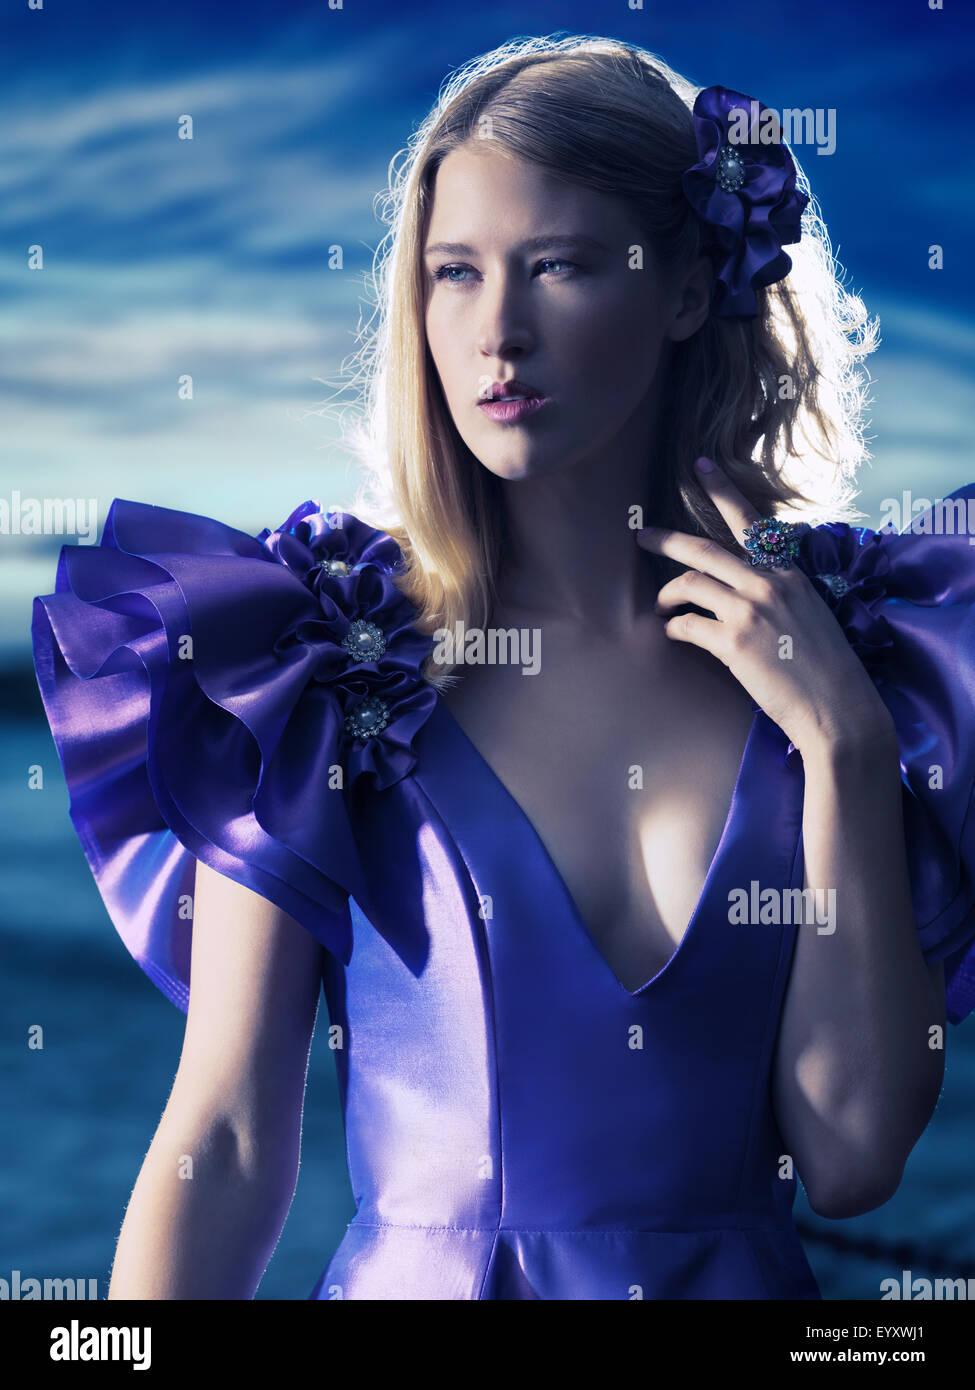 Belleza retrato de una joven rubia hermosa mujer vistiendo un traje de noche azul en el exterior Imagen De Stock